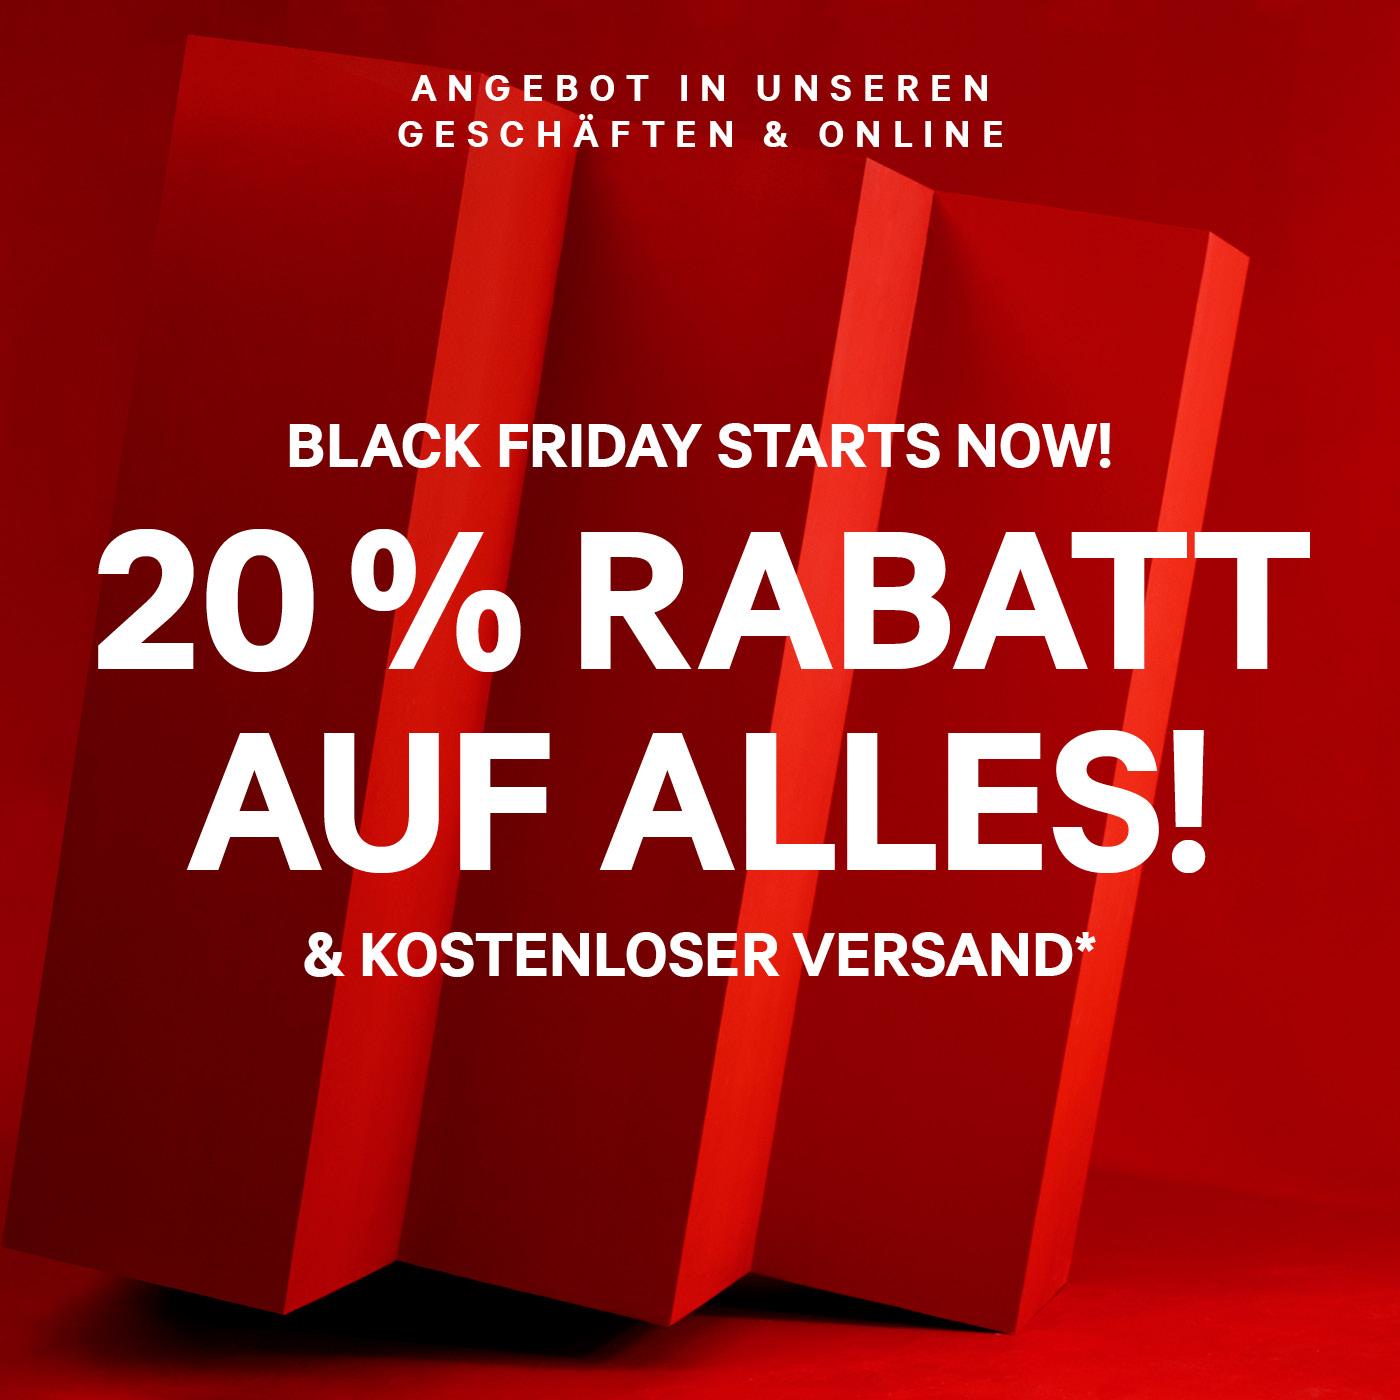 H&M Black Friday: 20% Rabatt auf alles + kostenloser Versand